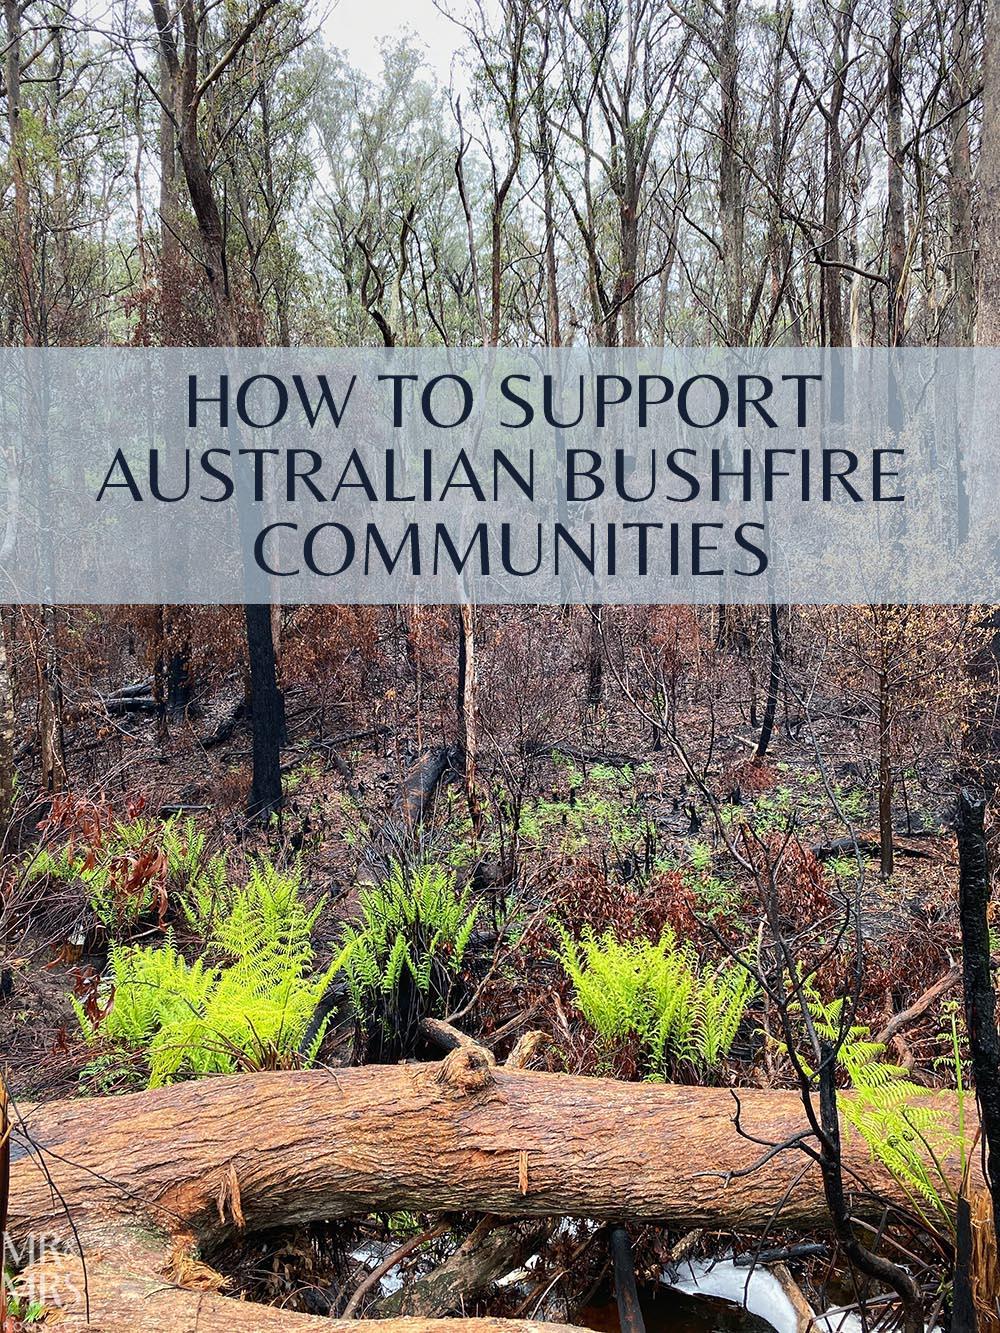 #EmptyEsky supporting Australian bushfire regions